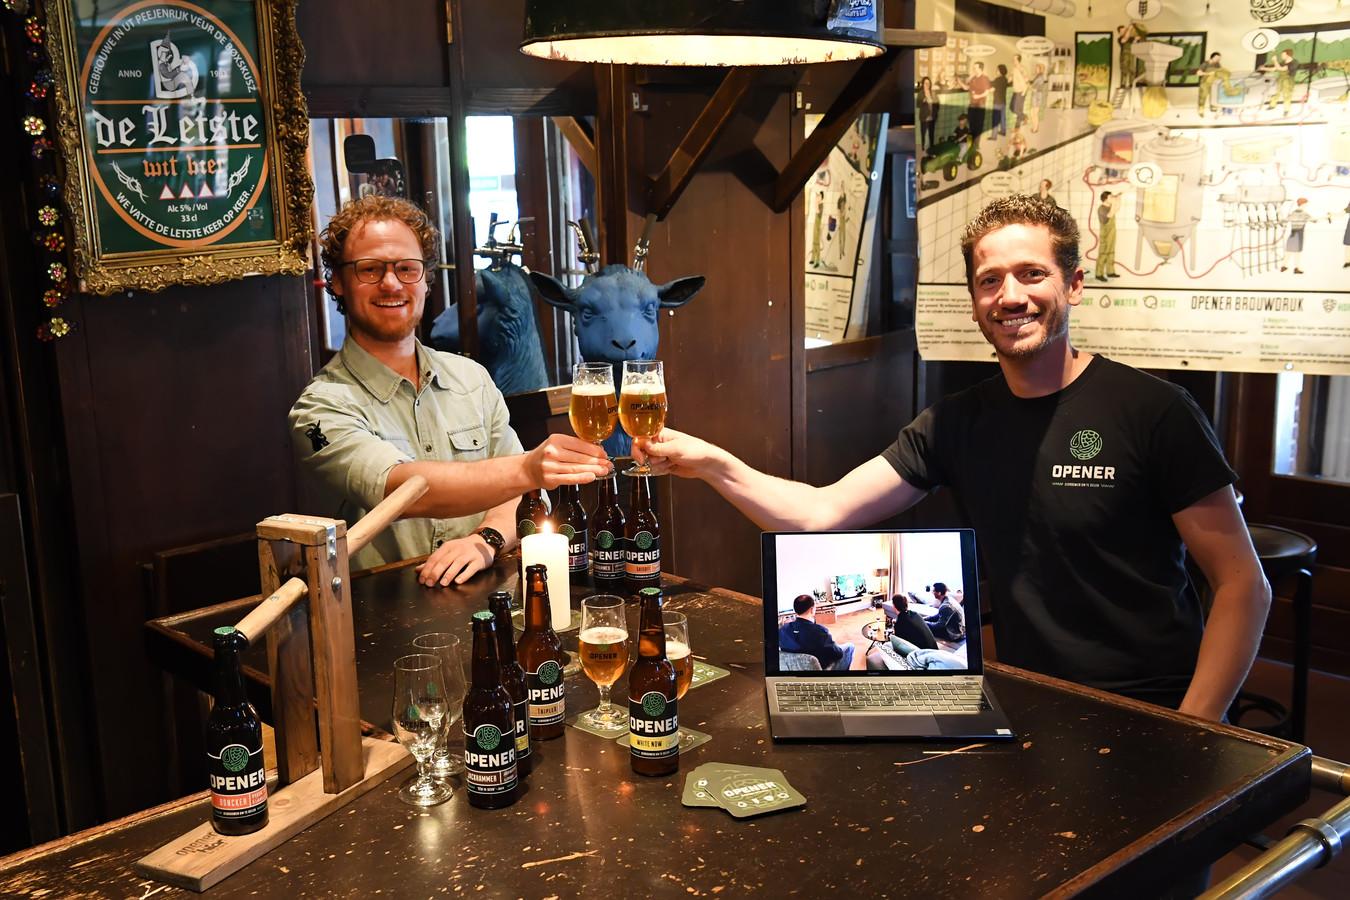 Online bierproeverij bij Den Hamse Bok. Links café-eigenaar Ferry van Kessel en rechts Frank Wouters van bierbrouwerij Opener. Op het scherm een groepje thuisproevers.